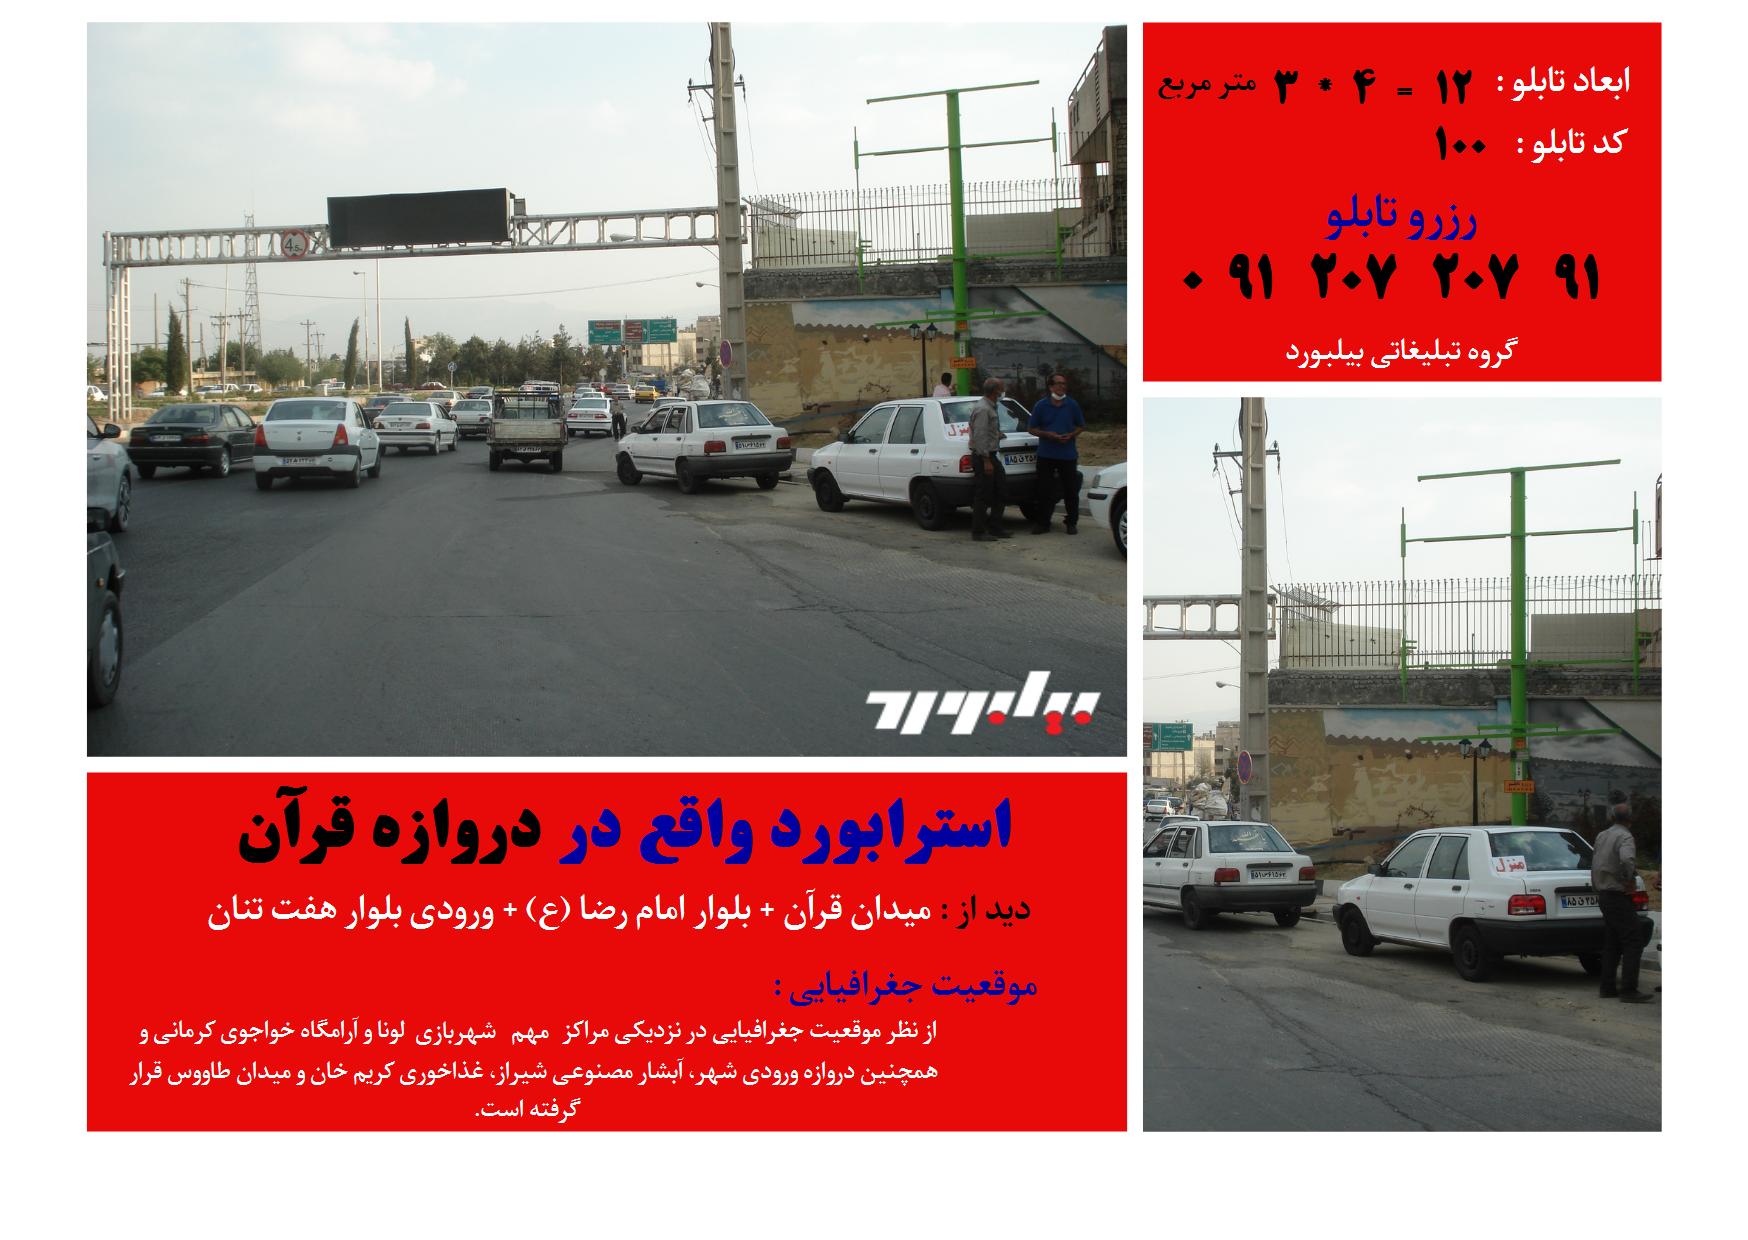 رزرو تابلو تبلیغاتی در شیراز|تبلیغات|فارس شیراز|ثبت آگهی رایگان|بیلبورد